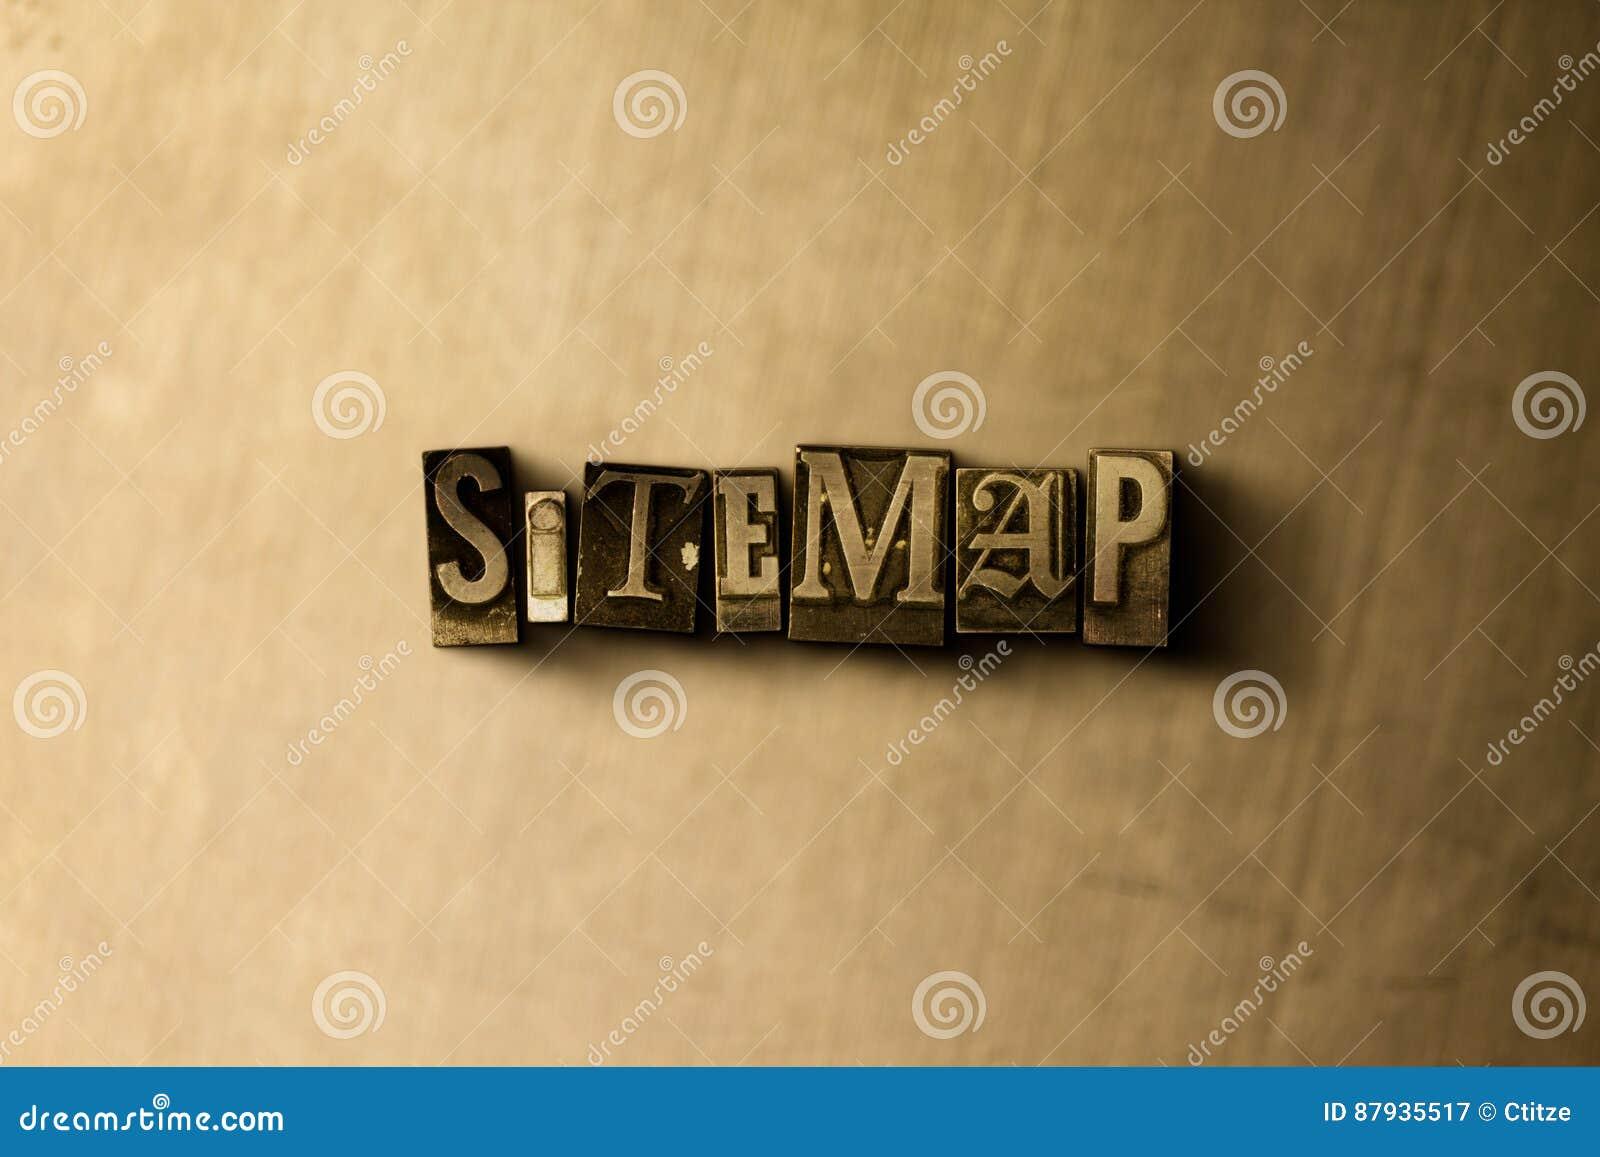 SITEMAP - close-up van grungy wijnoogst gezet woord op metaalachtergrond